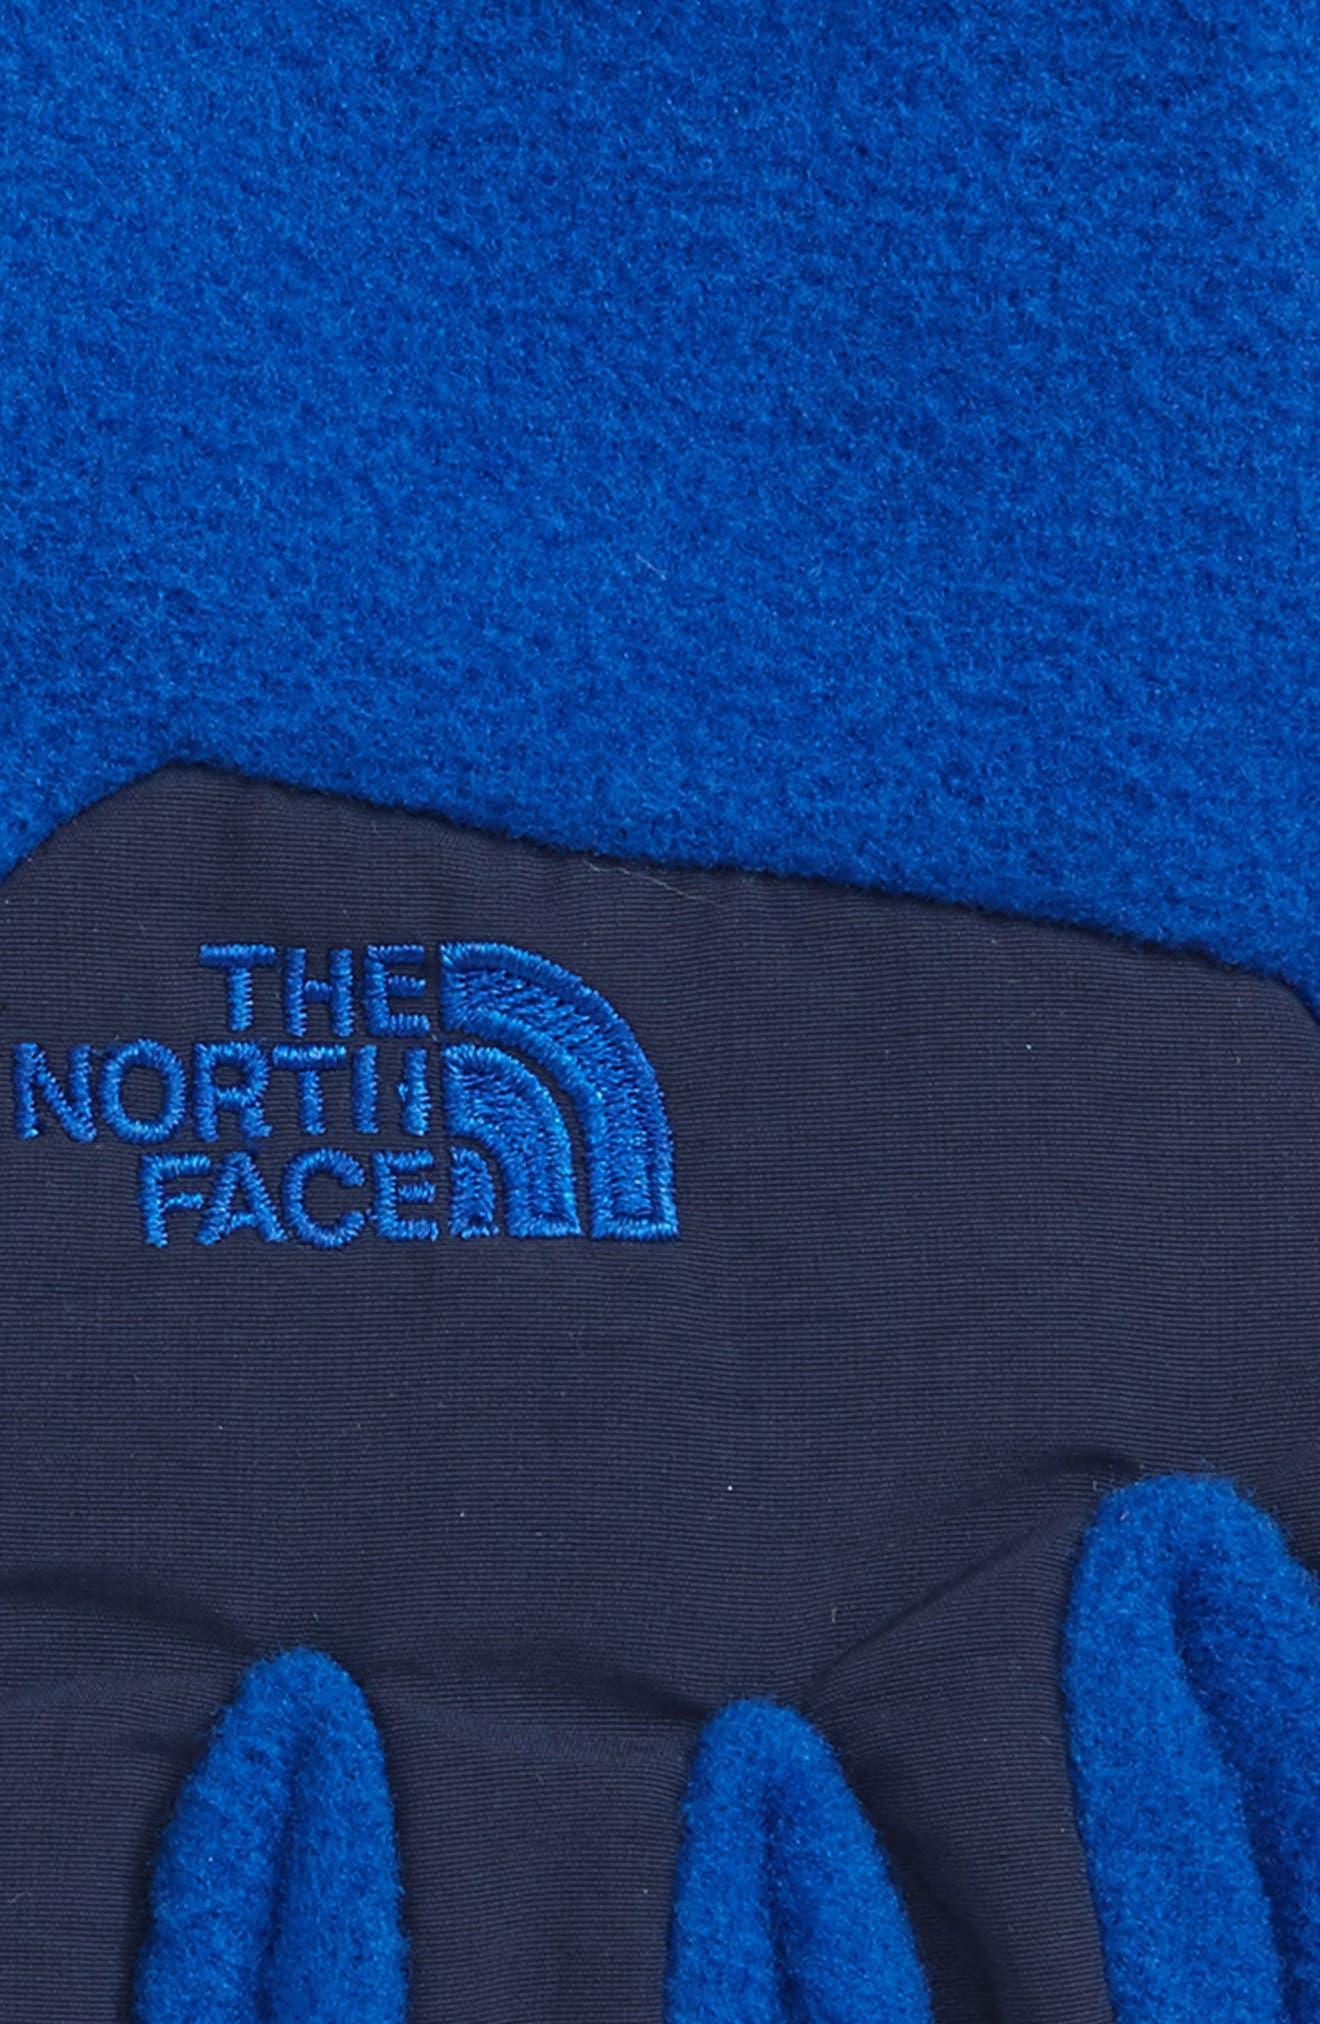 Denali Etip Gloves,                             Alternate thumbnail 3, color,                             401